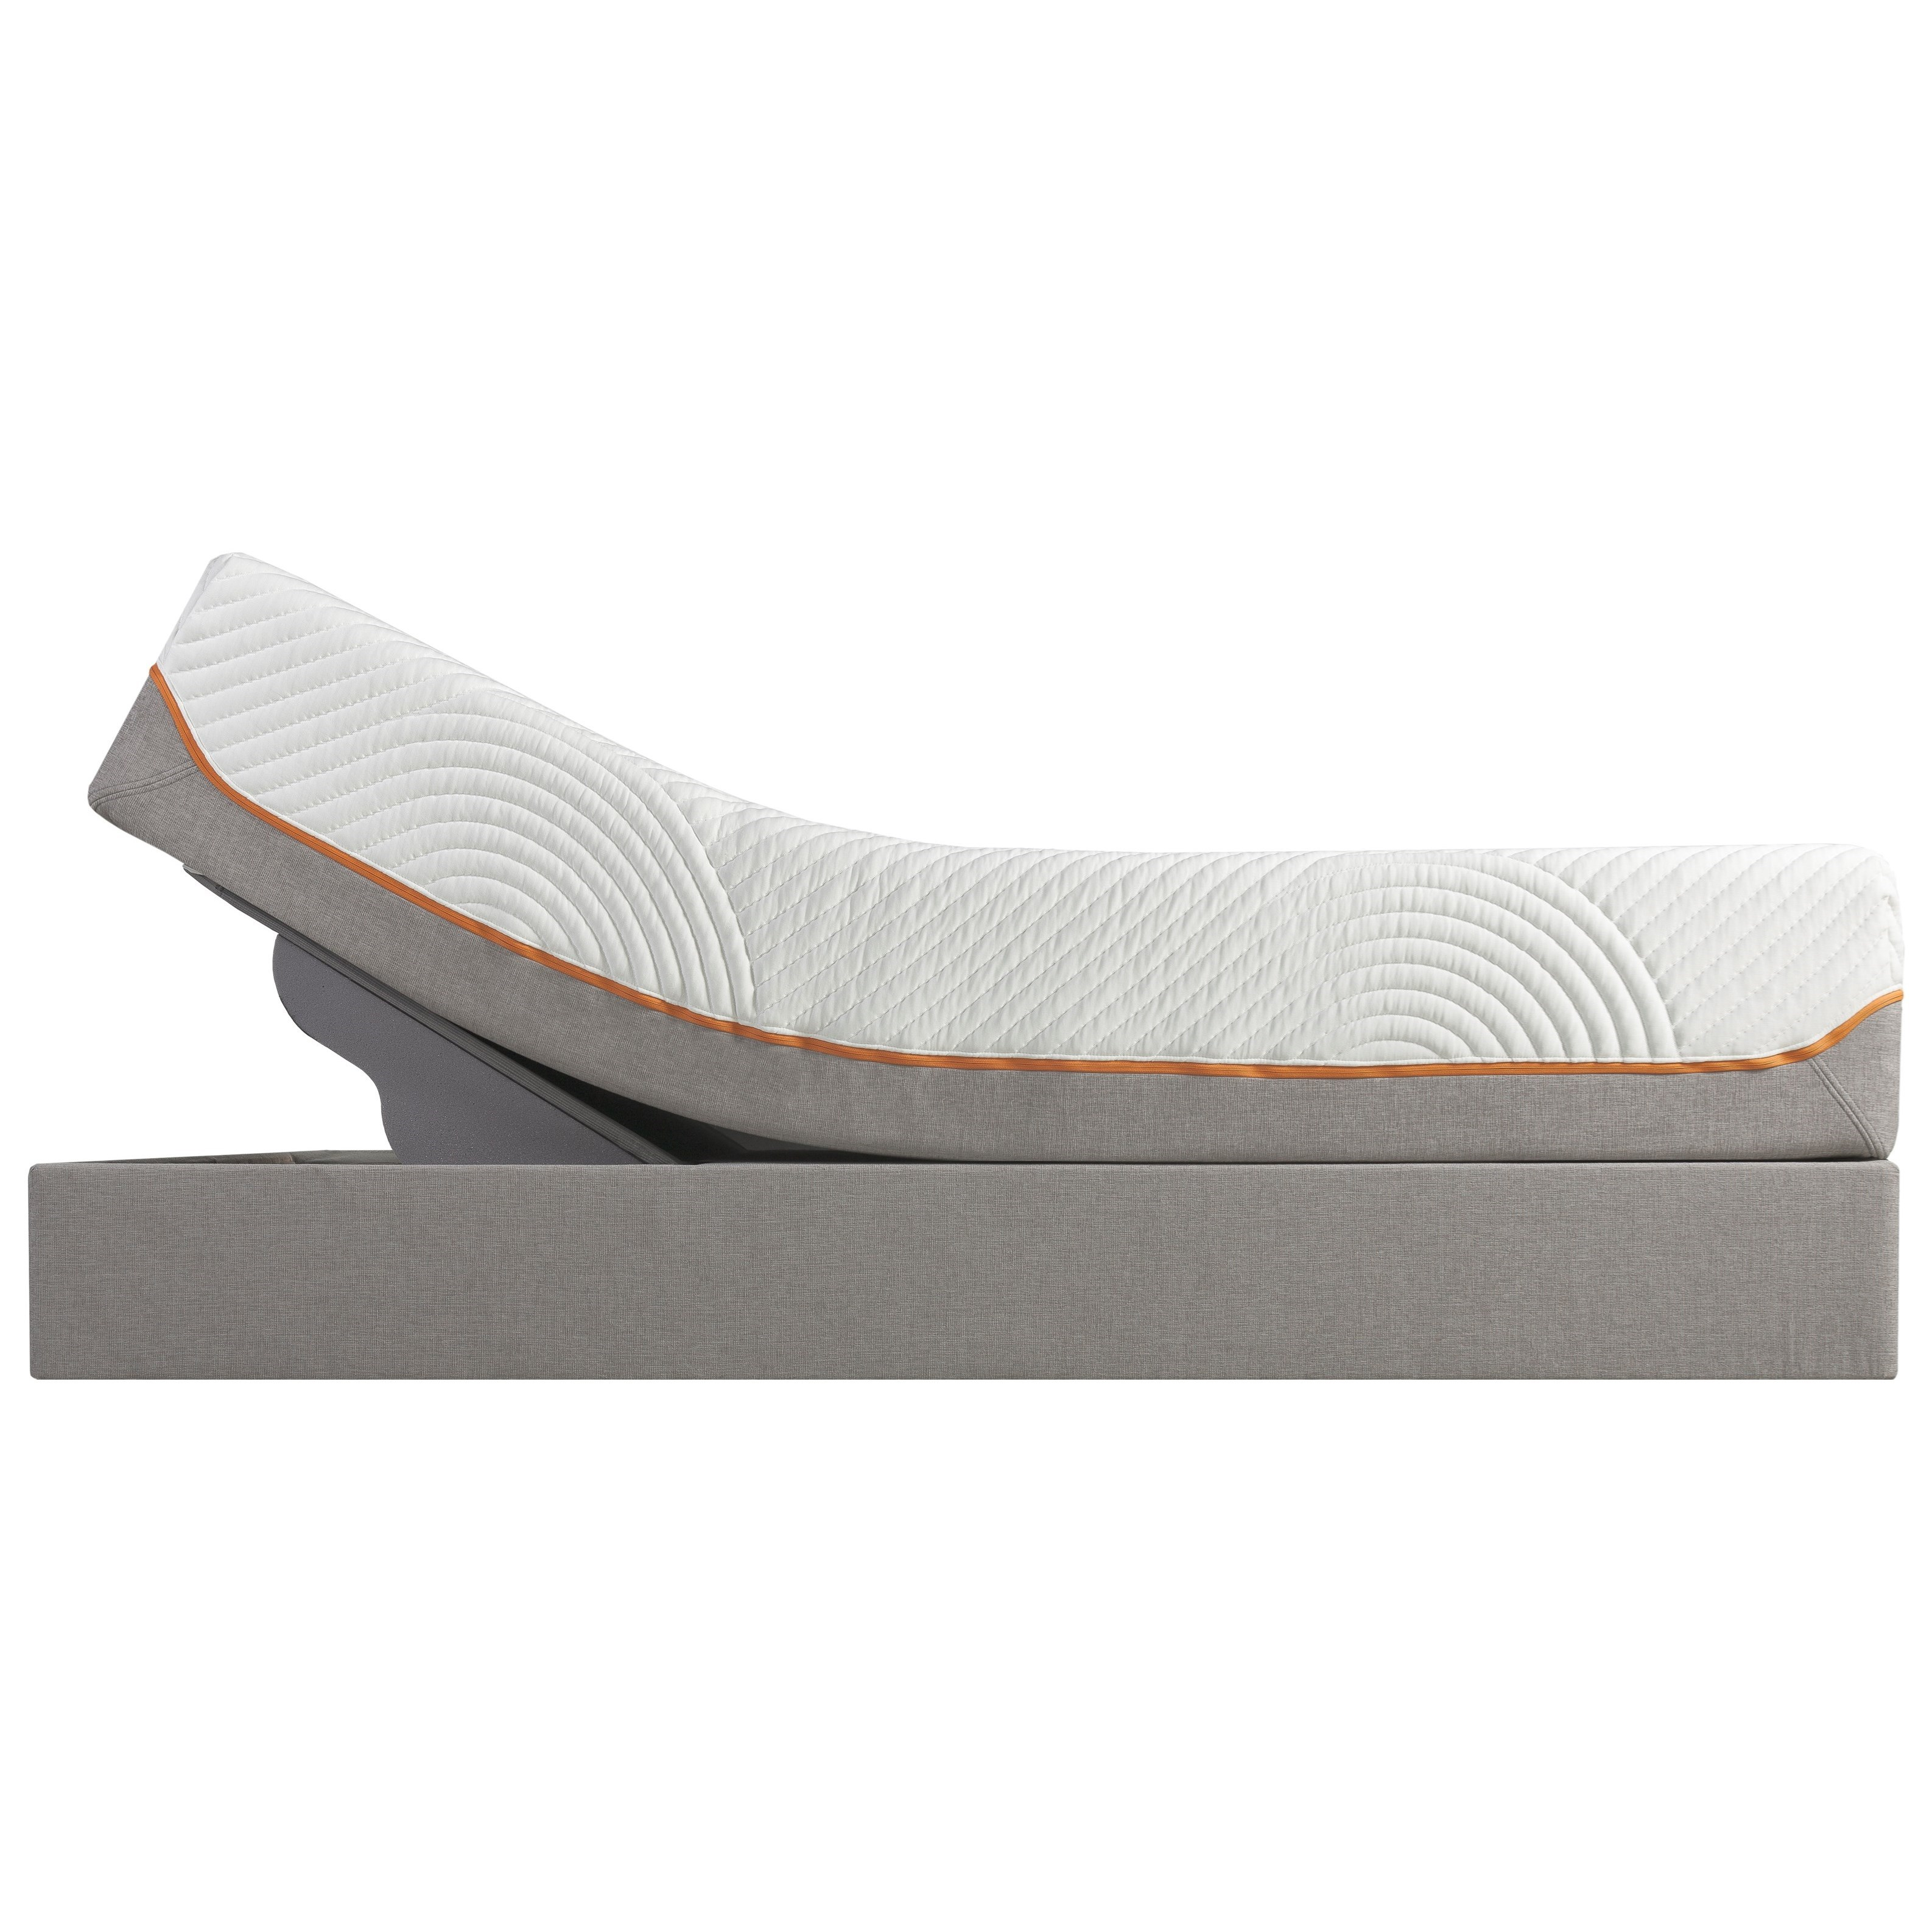 Tempur-Pedic® TEMPUR-Contour Rhapsody Luxe Queen Medium Firm Mattress, Adj Set - Item Number: 10258150+25287150